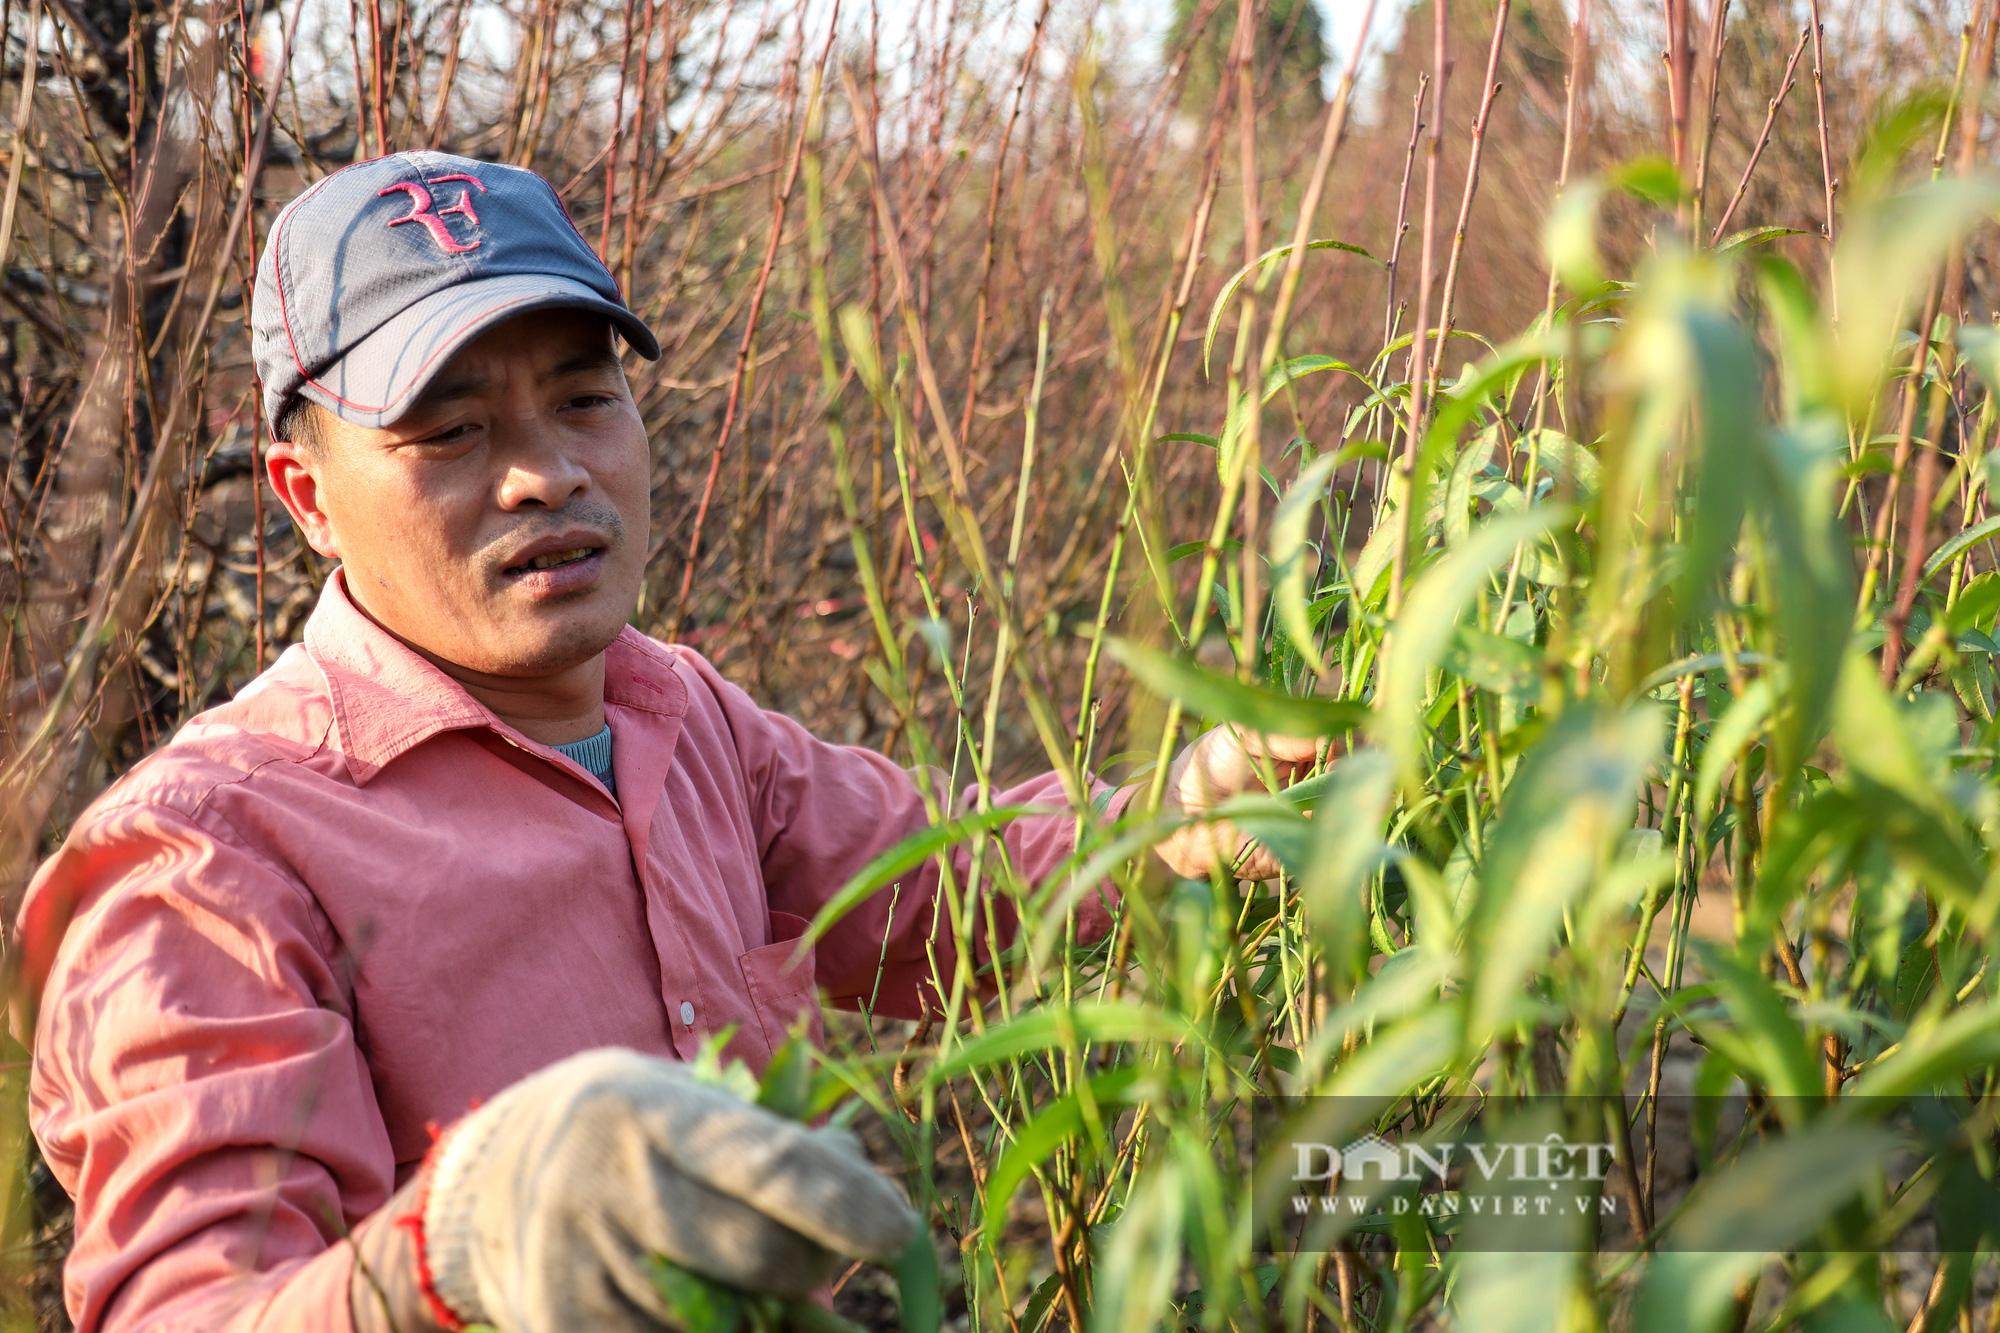 Người Hà Nội nô nức chụp ảnh check-in hoa đào từ Tết Dương lịch - Ảnh 7.